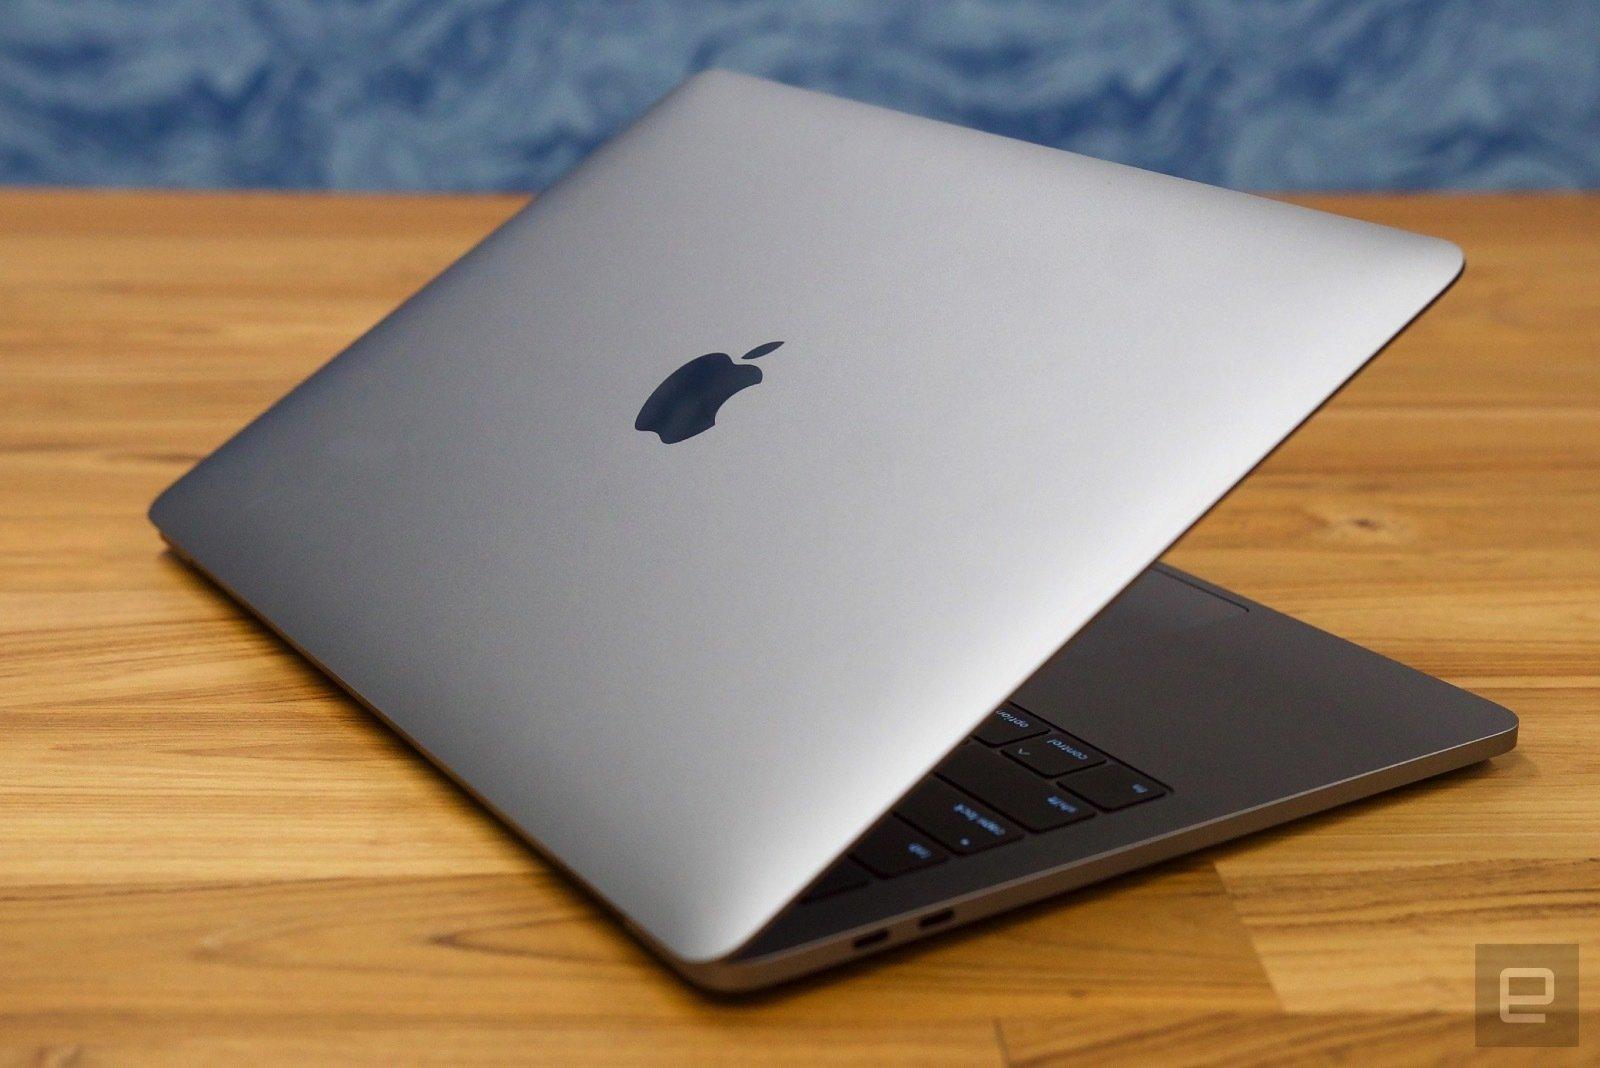 Apple's USB-C AV Dongle Updated for 4K HDR Video 1